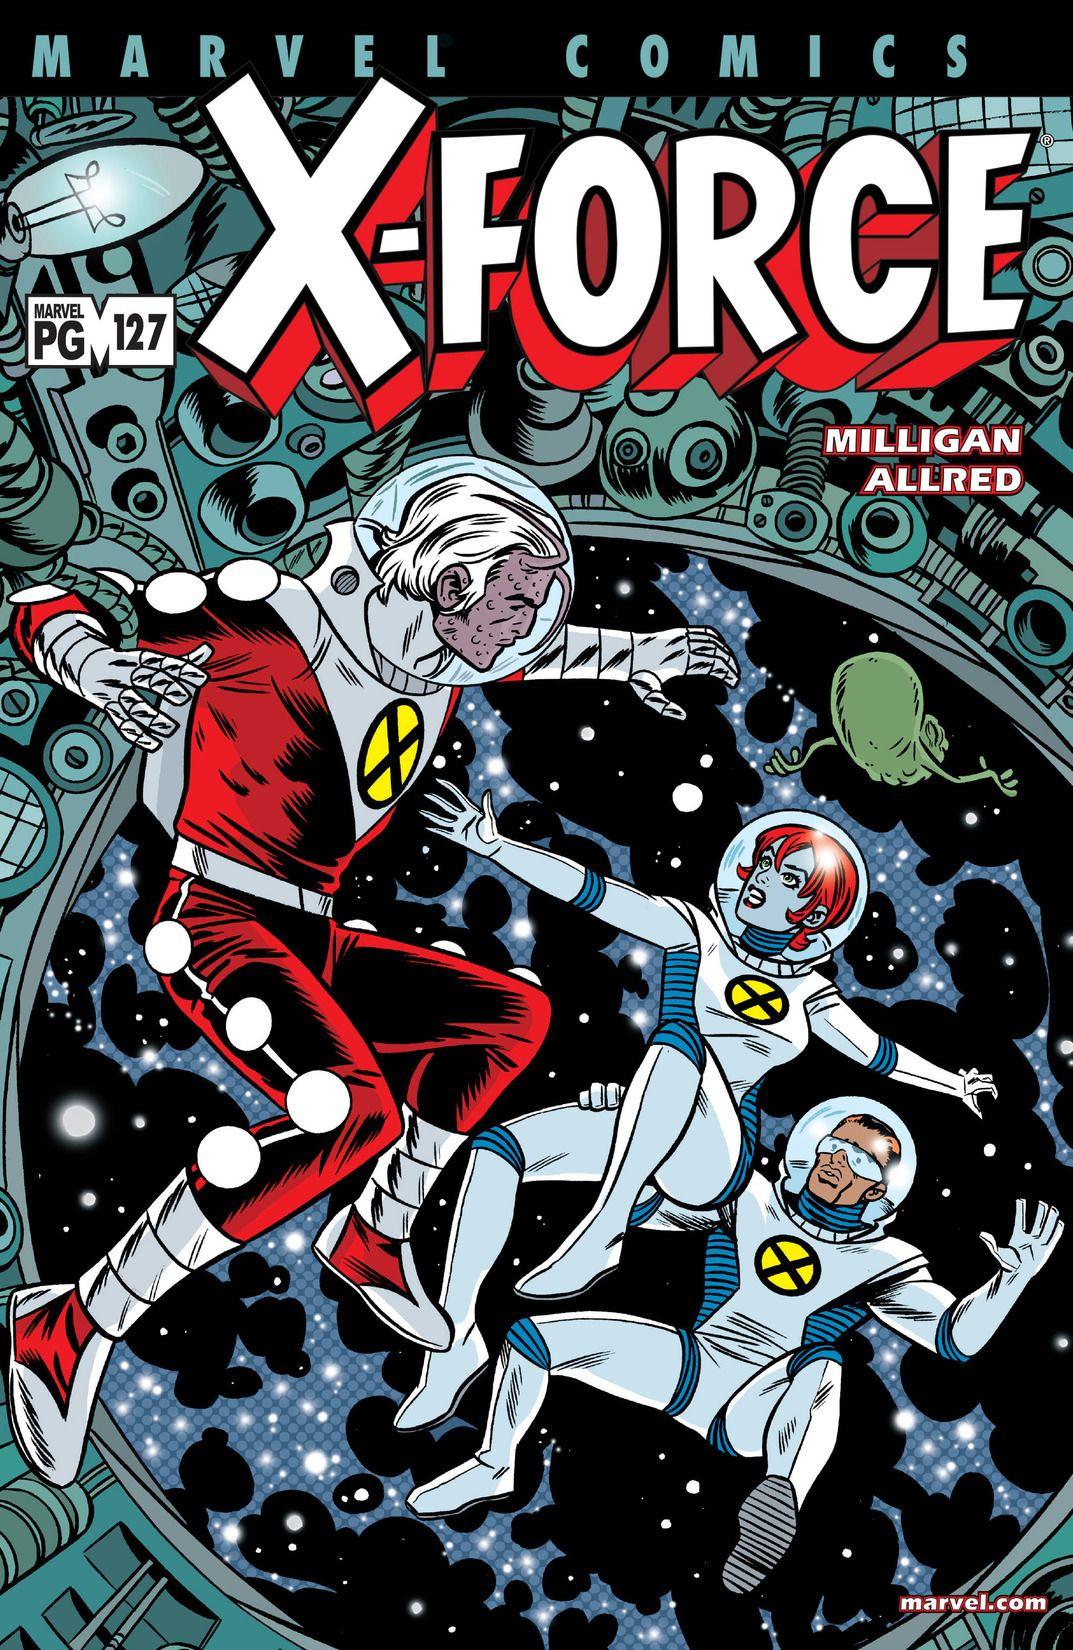 X-Force Vol 1 127